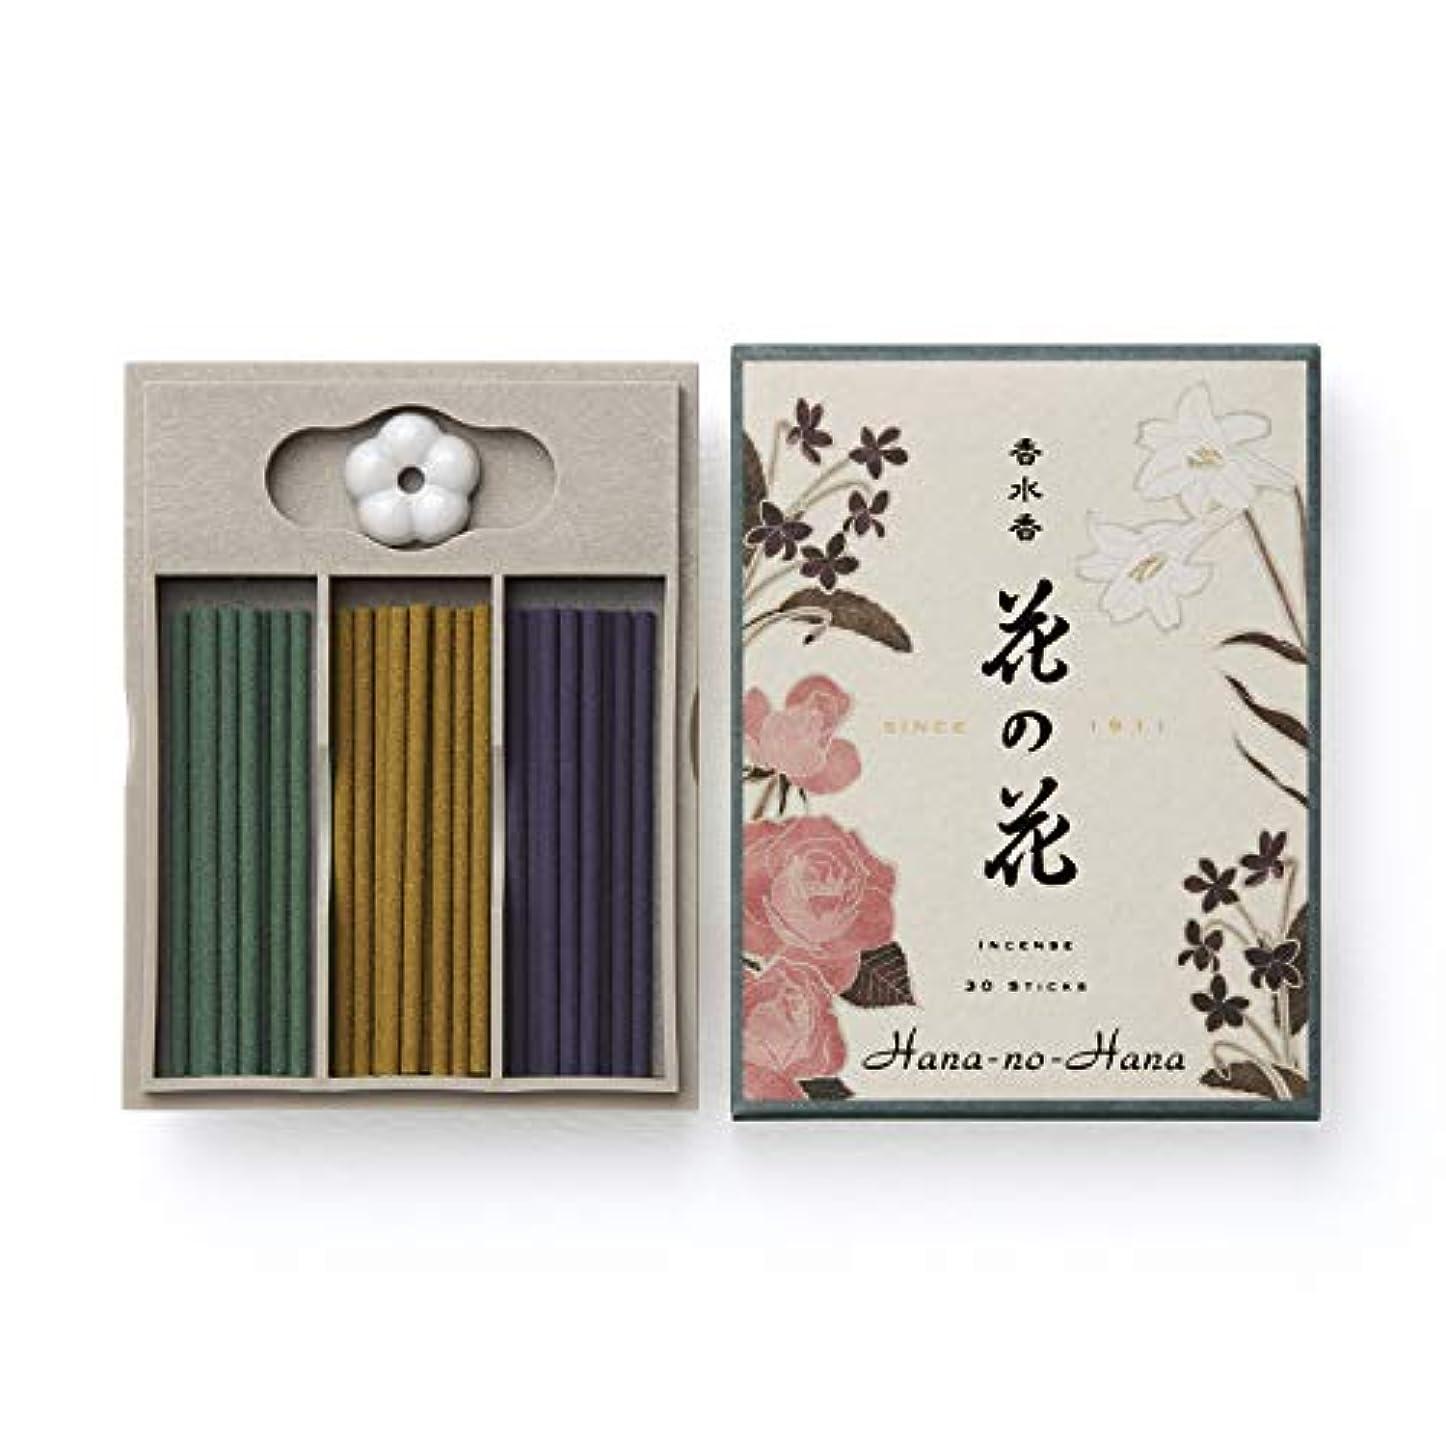 統治可能敬の念おいしい日本香堂 香水香 花の花 三種入 スティック30本入 ばら?ゆり?すみれ